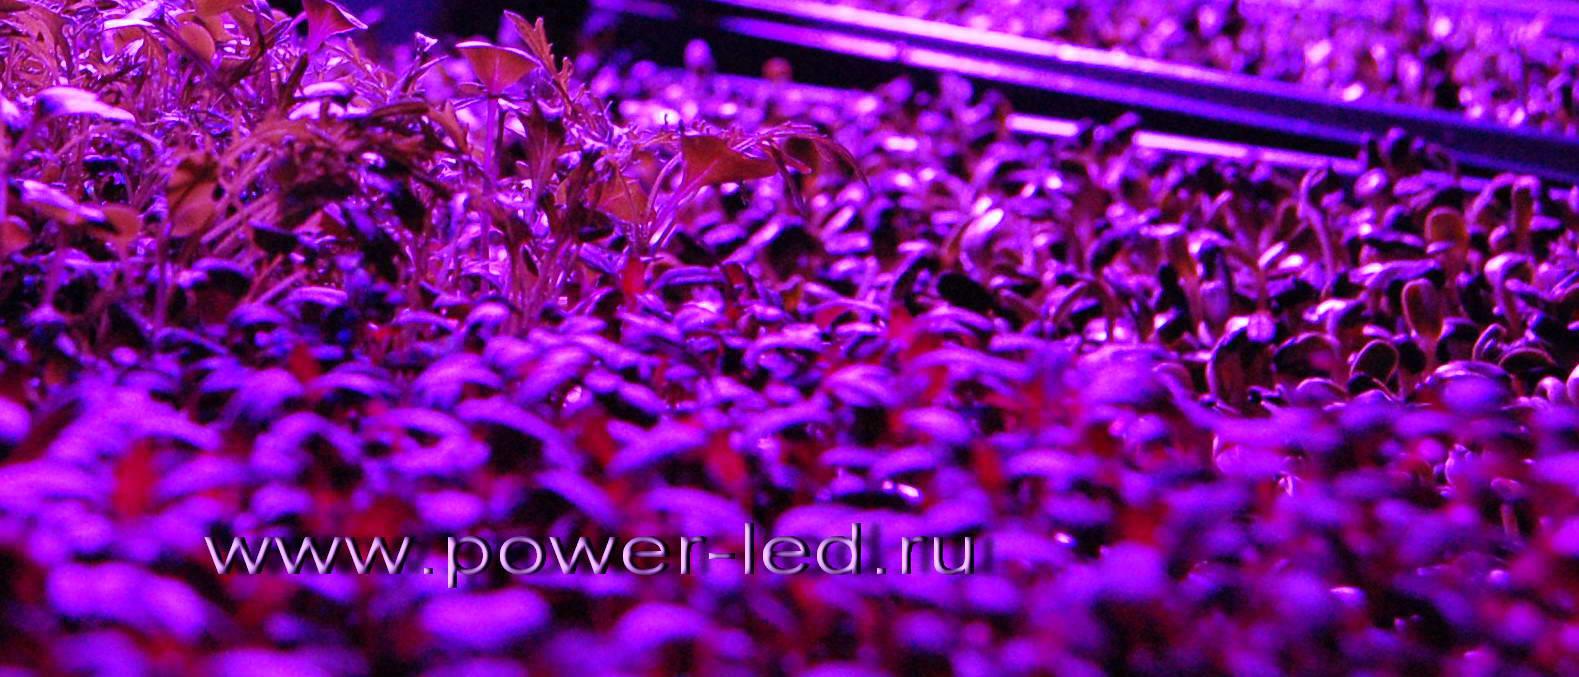 Освещение рассады биосветильником